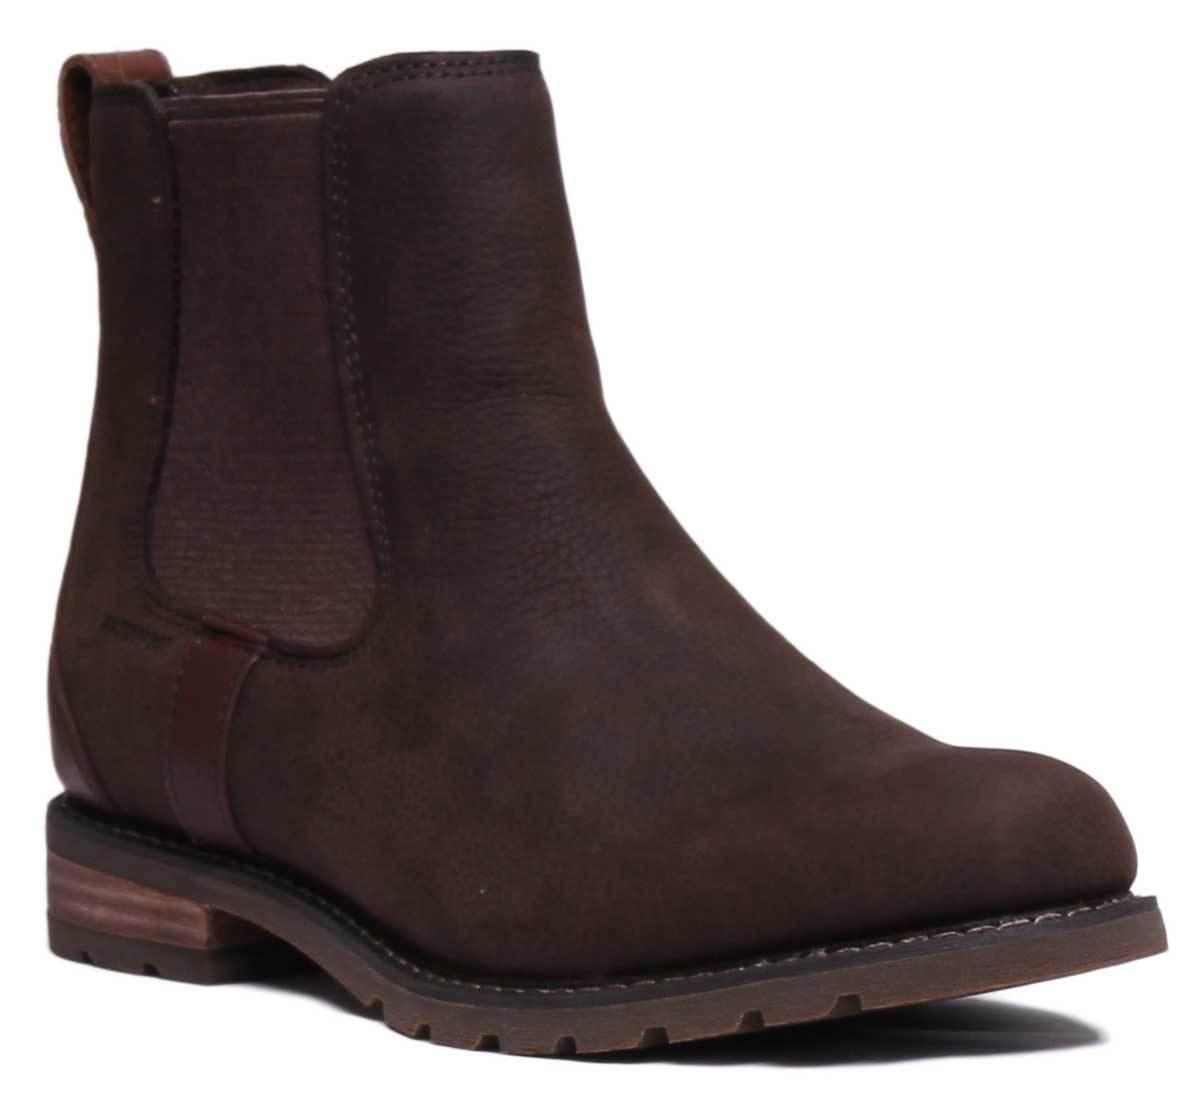 Ariat Wexford H2O de cuero para mujer botas botas botas al tobillo de Color caqui Tamaño de Reino Unido 3 - 8  Garantía 100% de ajuste